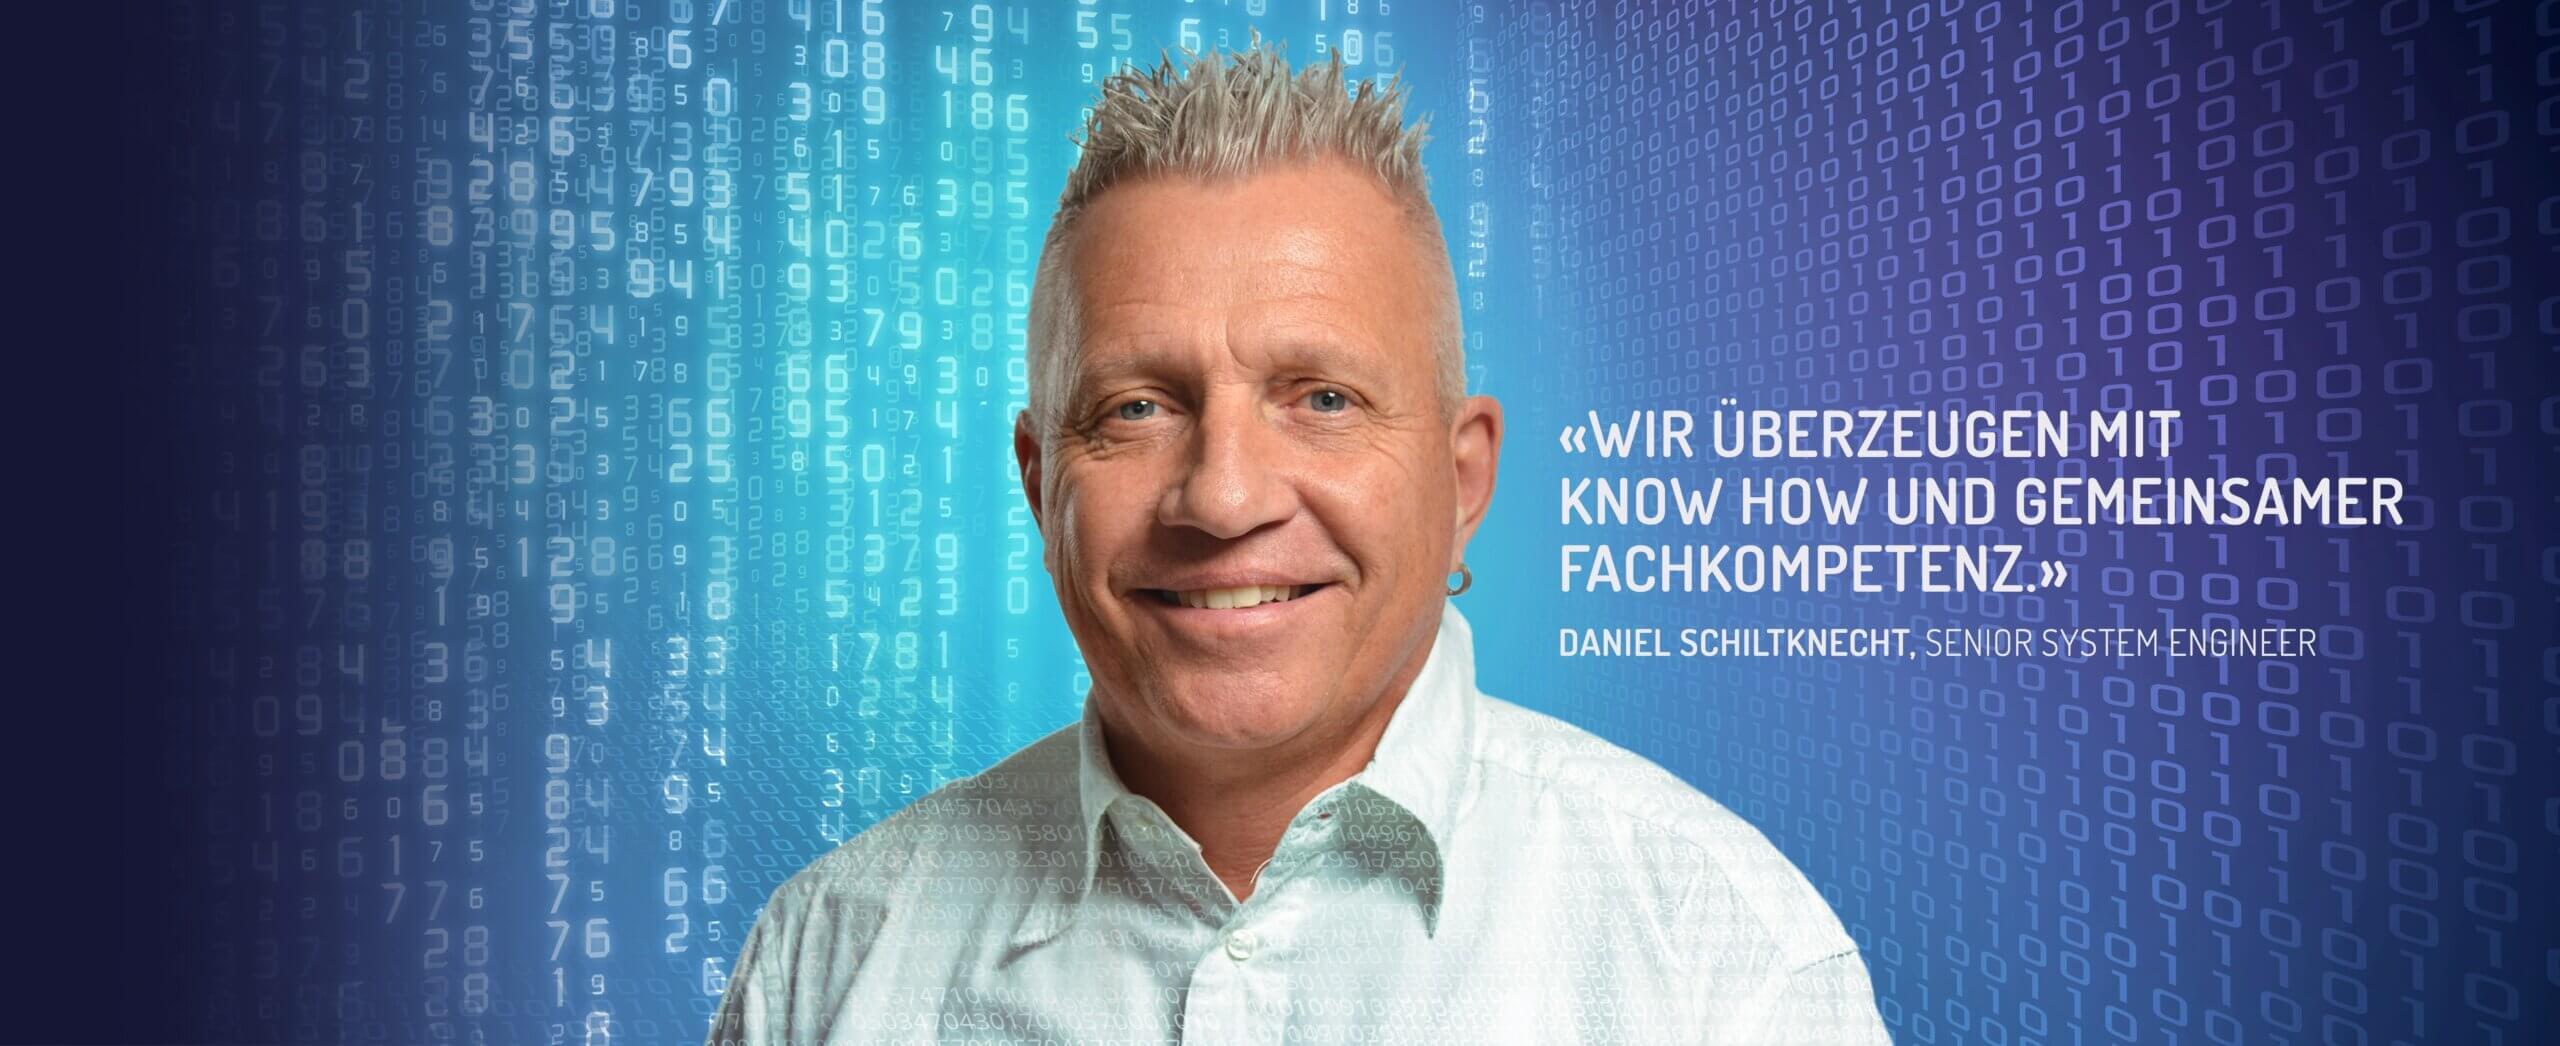 Headerbild Daniel Schiltknecht